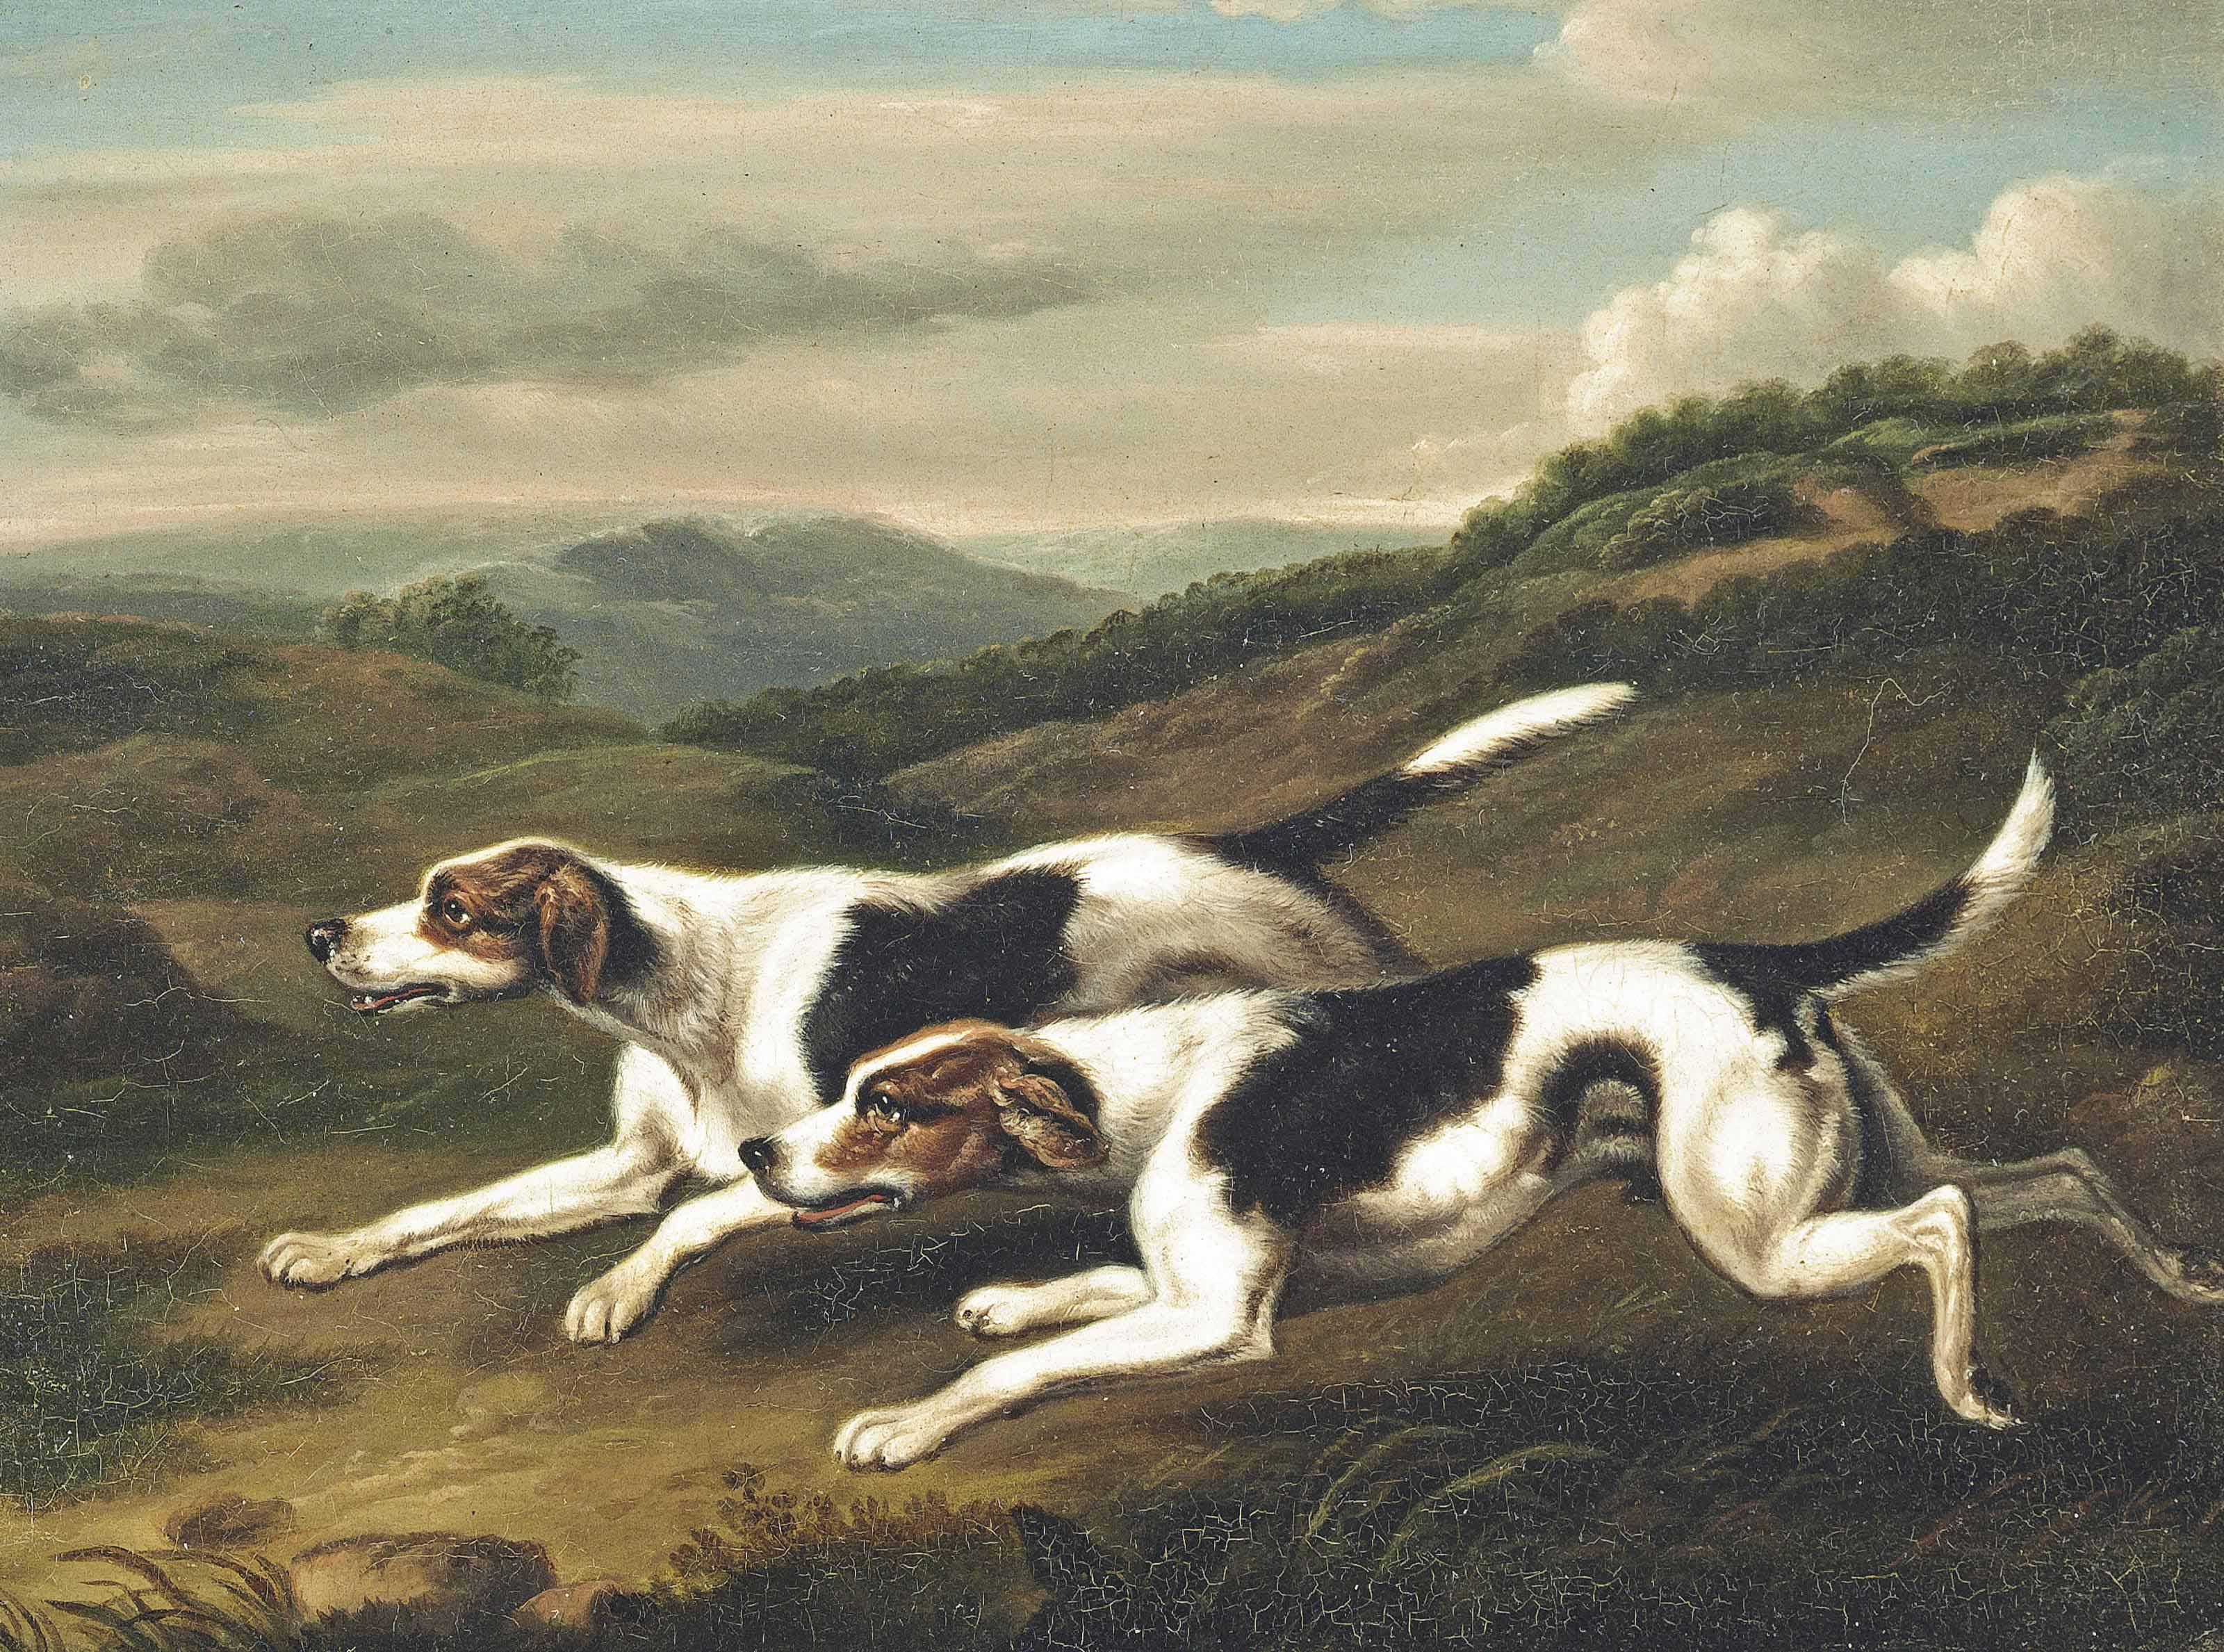 Samuel Raven (1775-1847), after Philip Reinagle